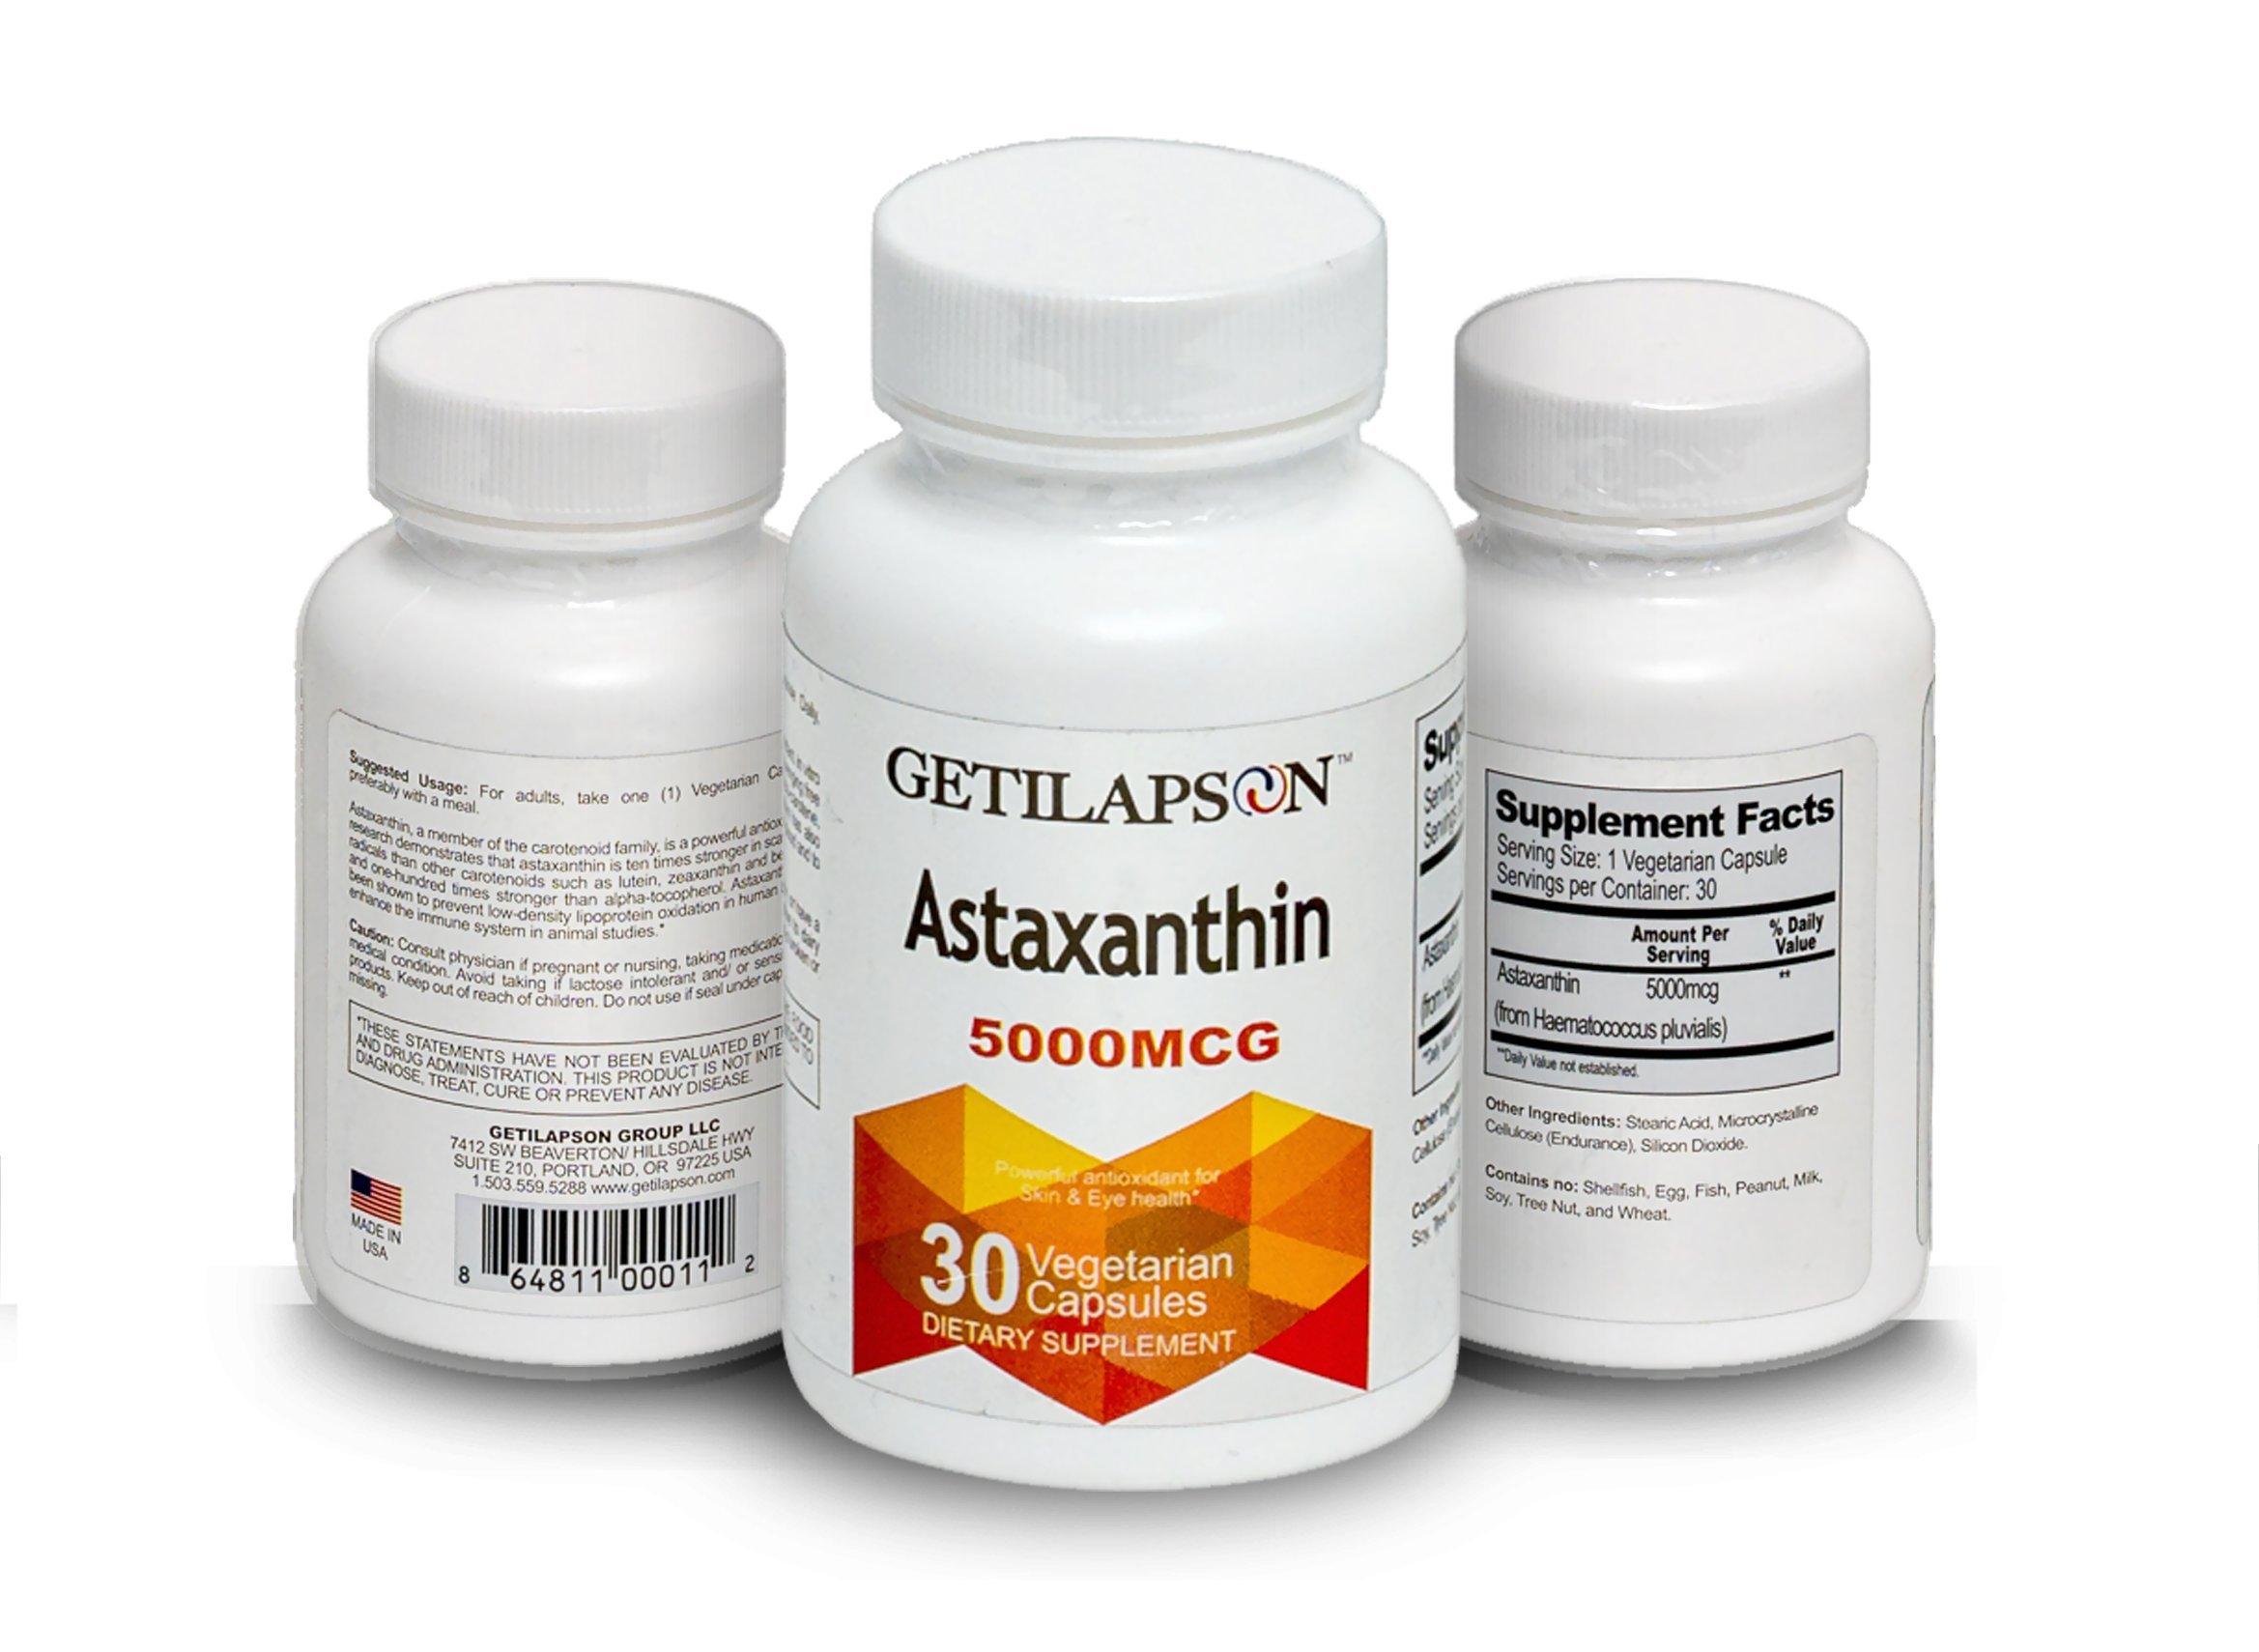 Getilapson Astaxanthin 5000mcg